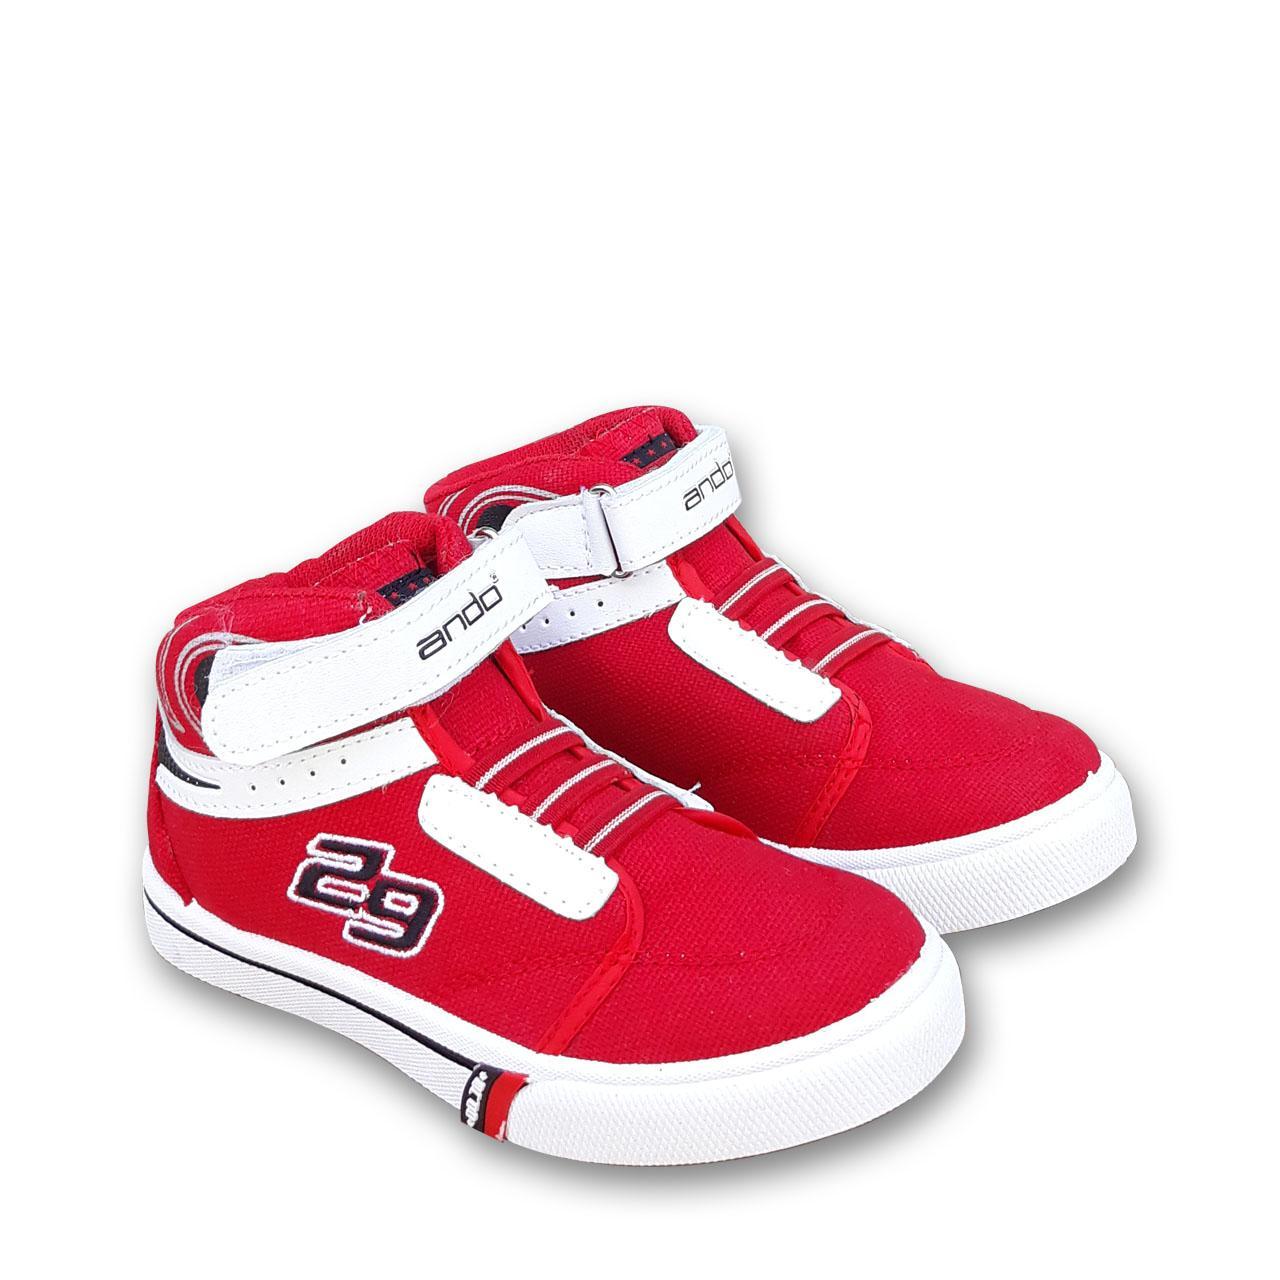 Jual sepatu ando anak murah garansi dan berkualitas  02260170d6